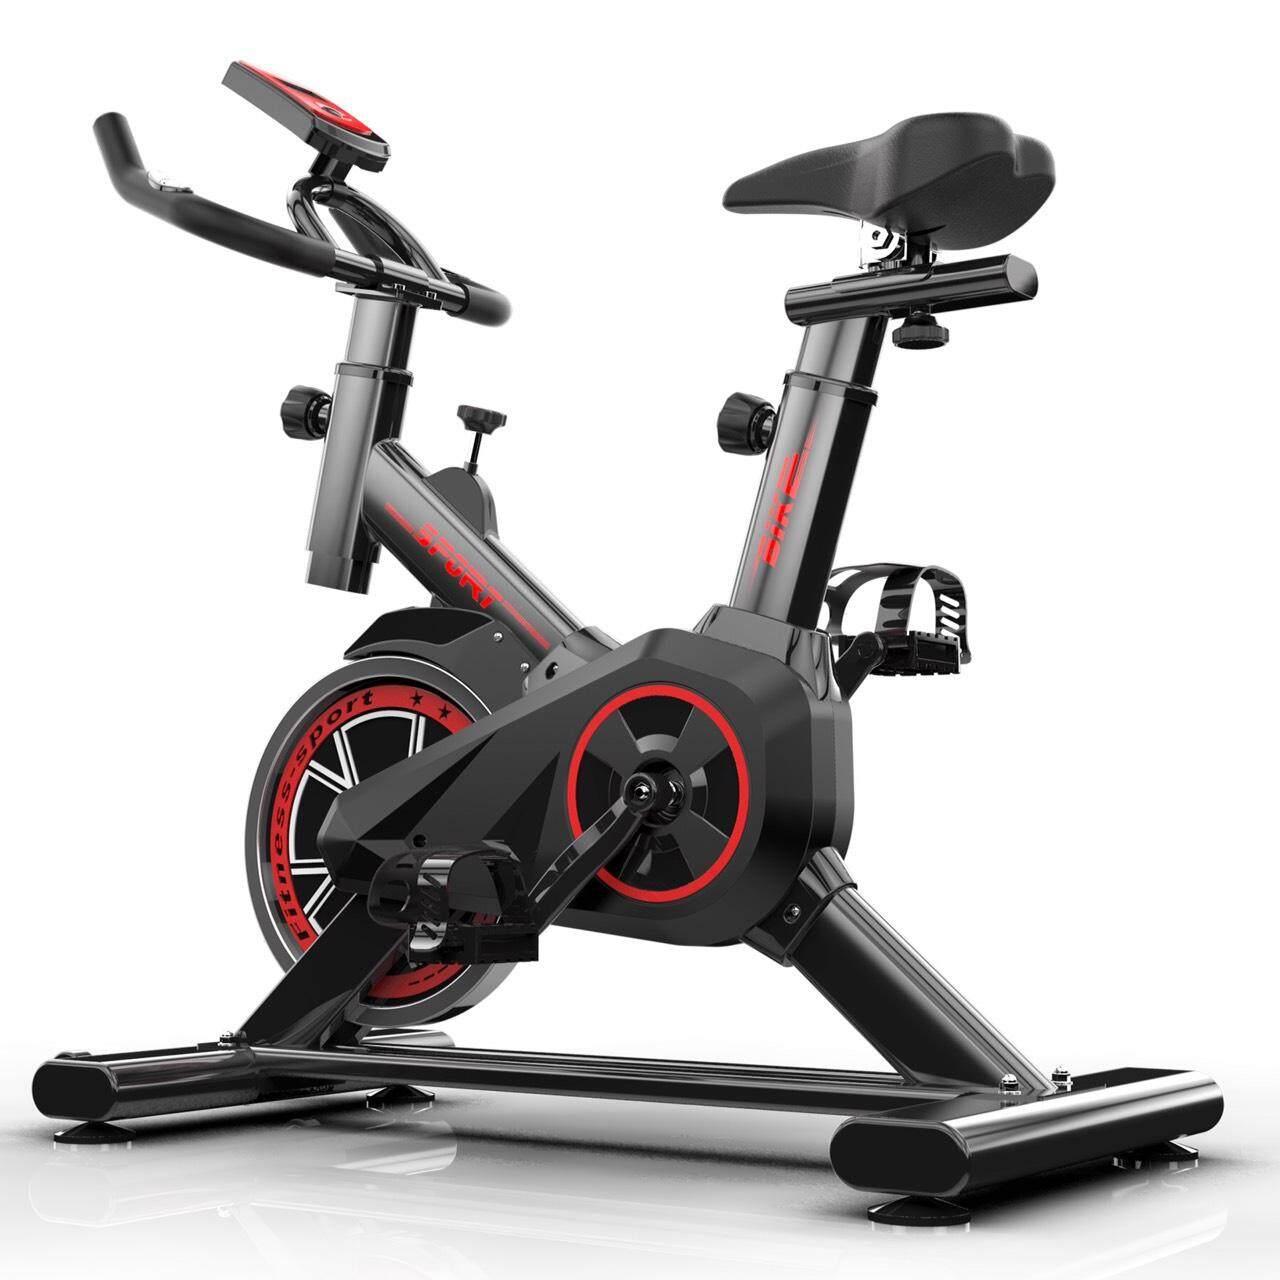 จักรยานออกกำลังกาย Exercise Spin Bike จักรยานฟิตเนส Spinning Bike SpinBike จักรยานฟิตเนส  เครื่องปั่นจักรยาน